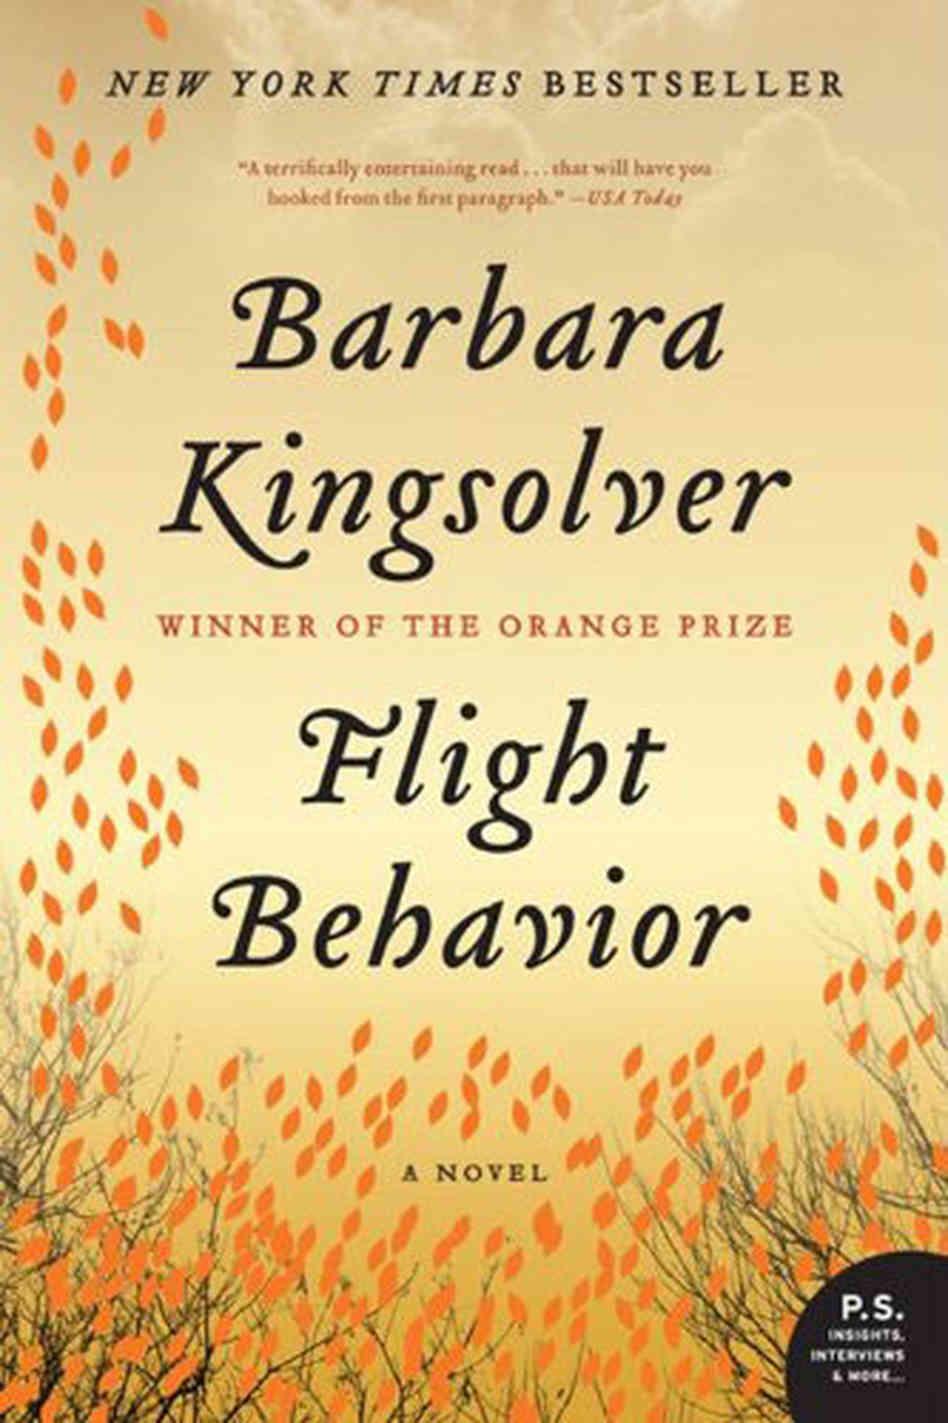 flight-behavior-pb_custom-404897bd119c14cb100aafa80924515b2b753a28-s6-c30.jpg